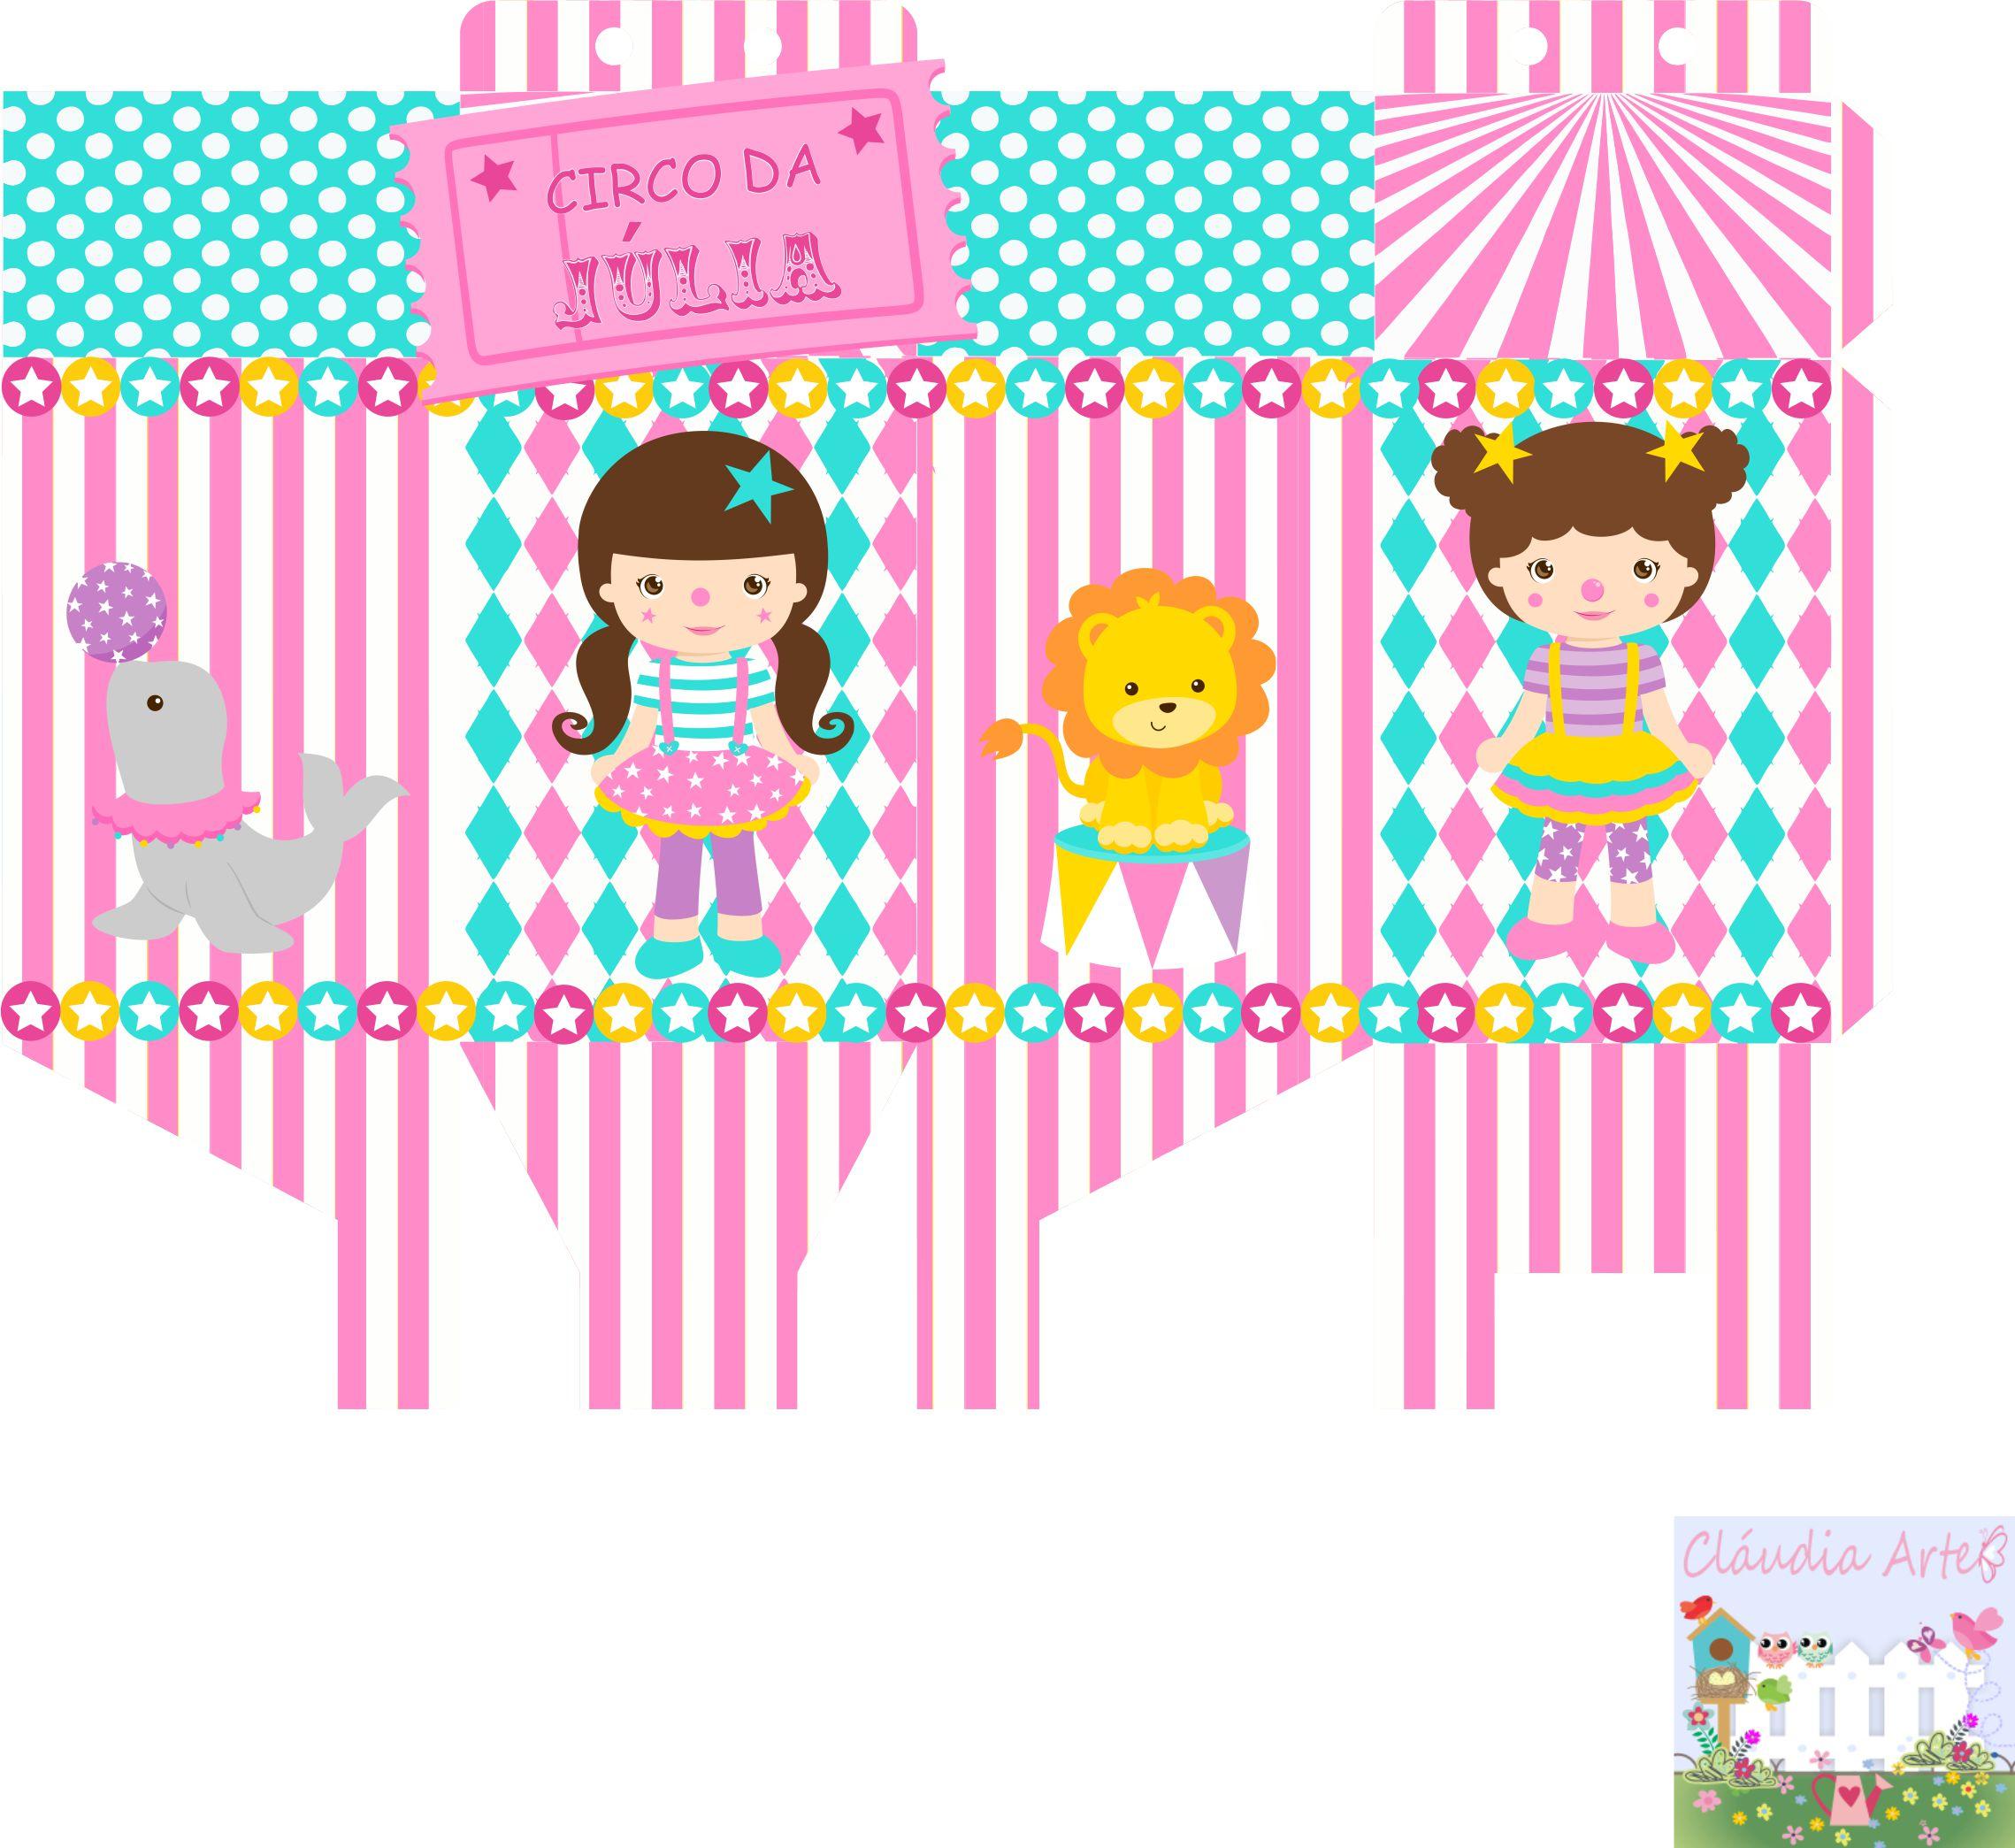 Arte Digital Caixa Milk Circo Rosa No Elo7 Claudia Arte 90169d